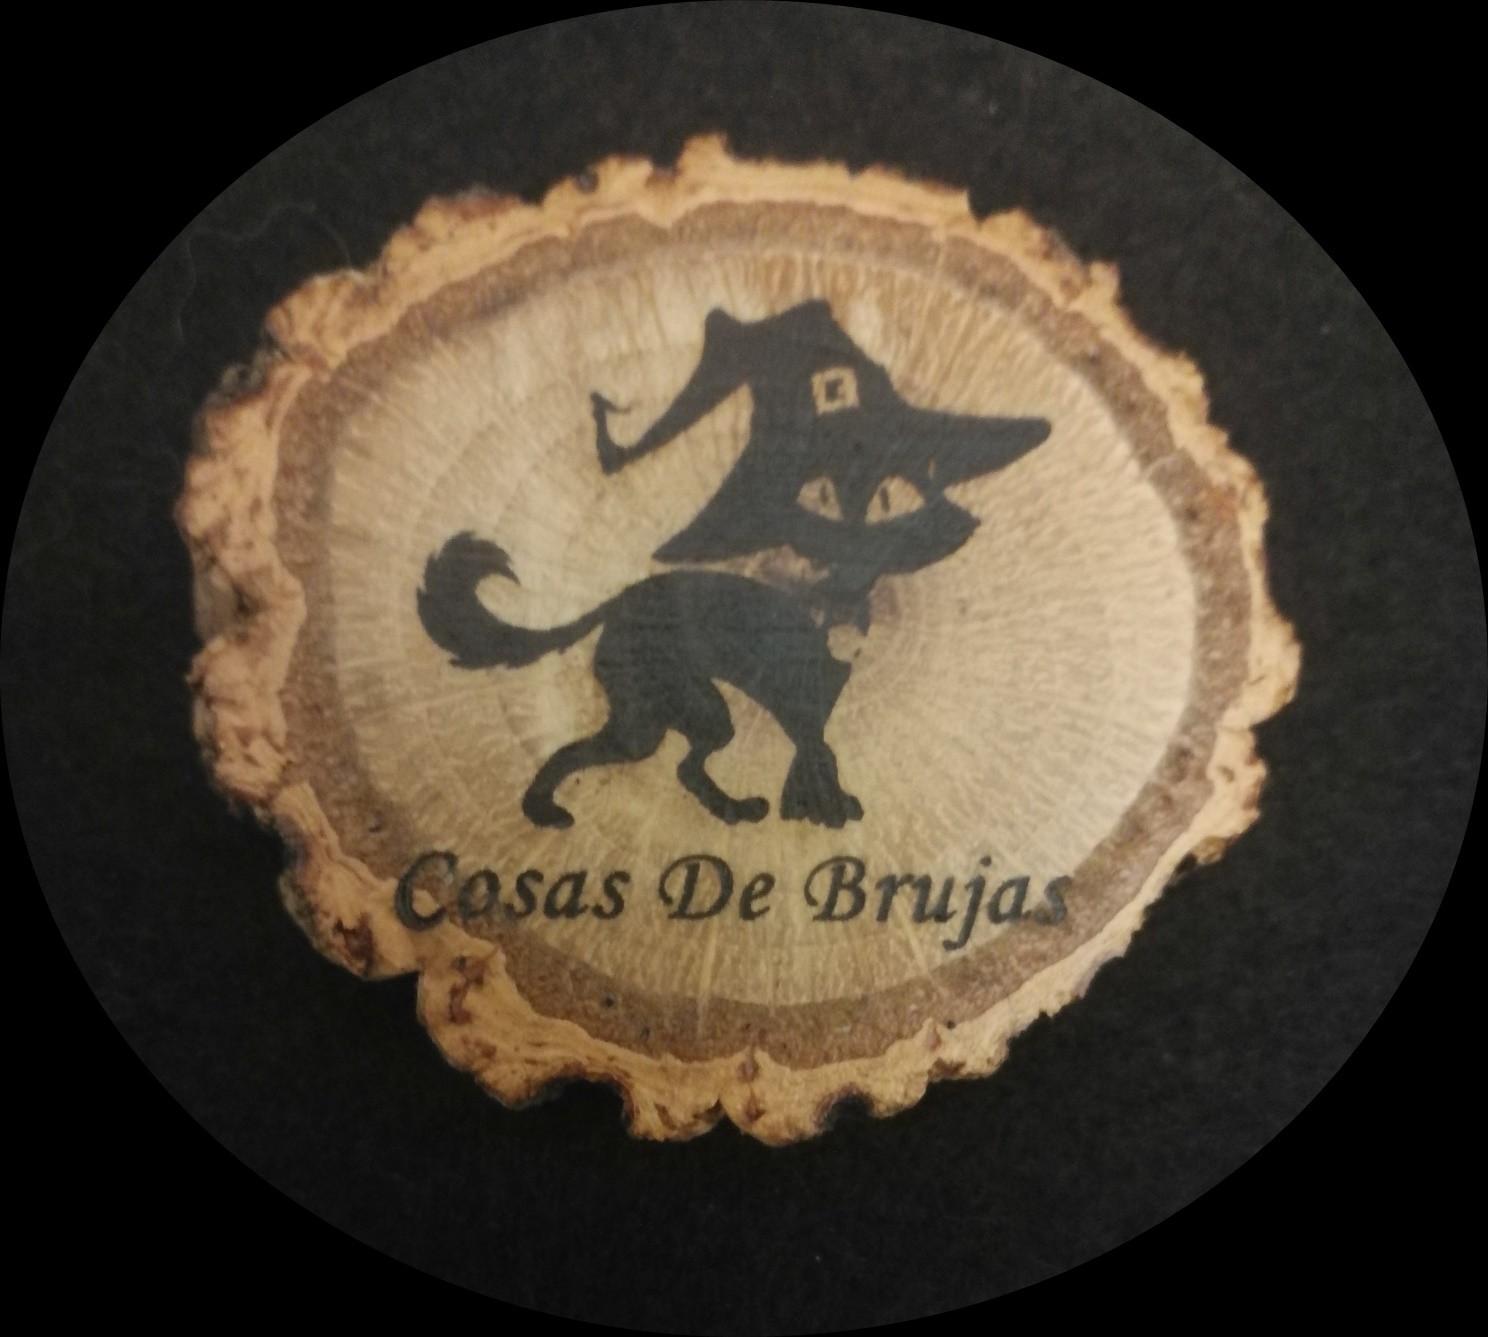 Artesanía Esotérica Cosas de Brujas